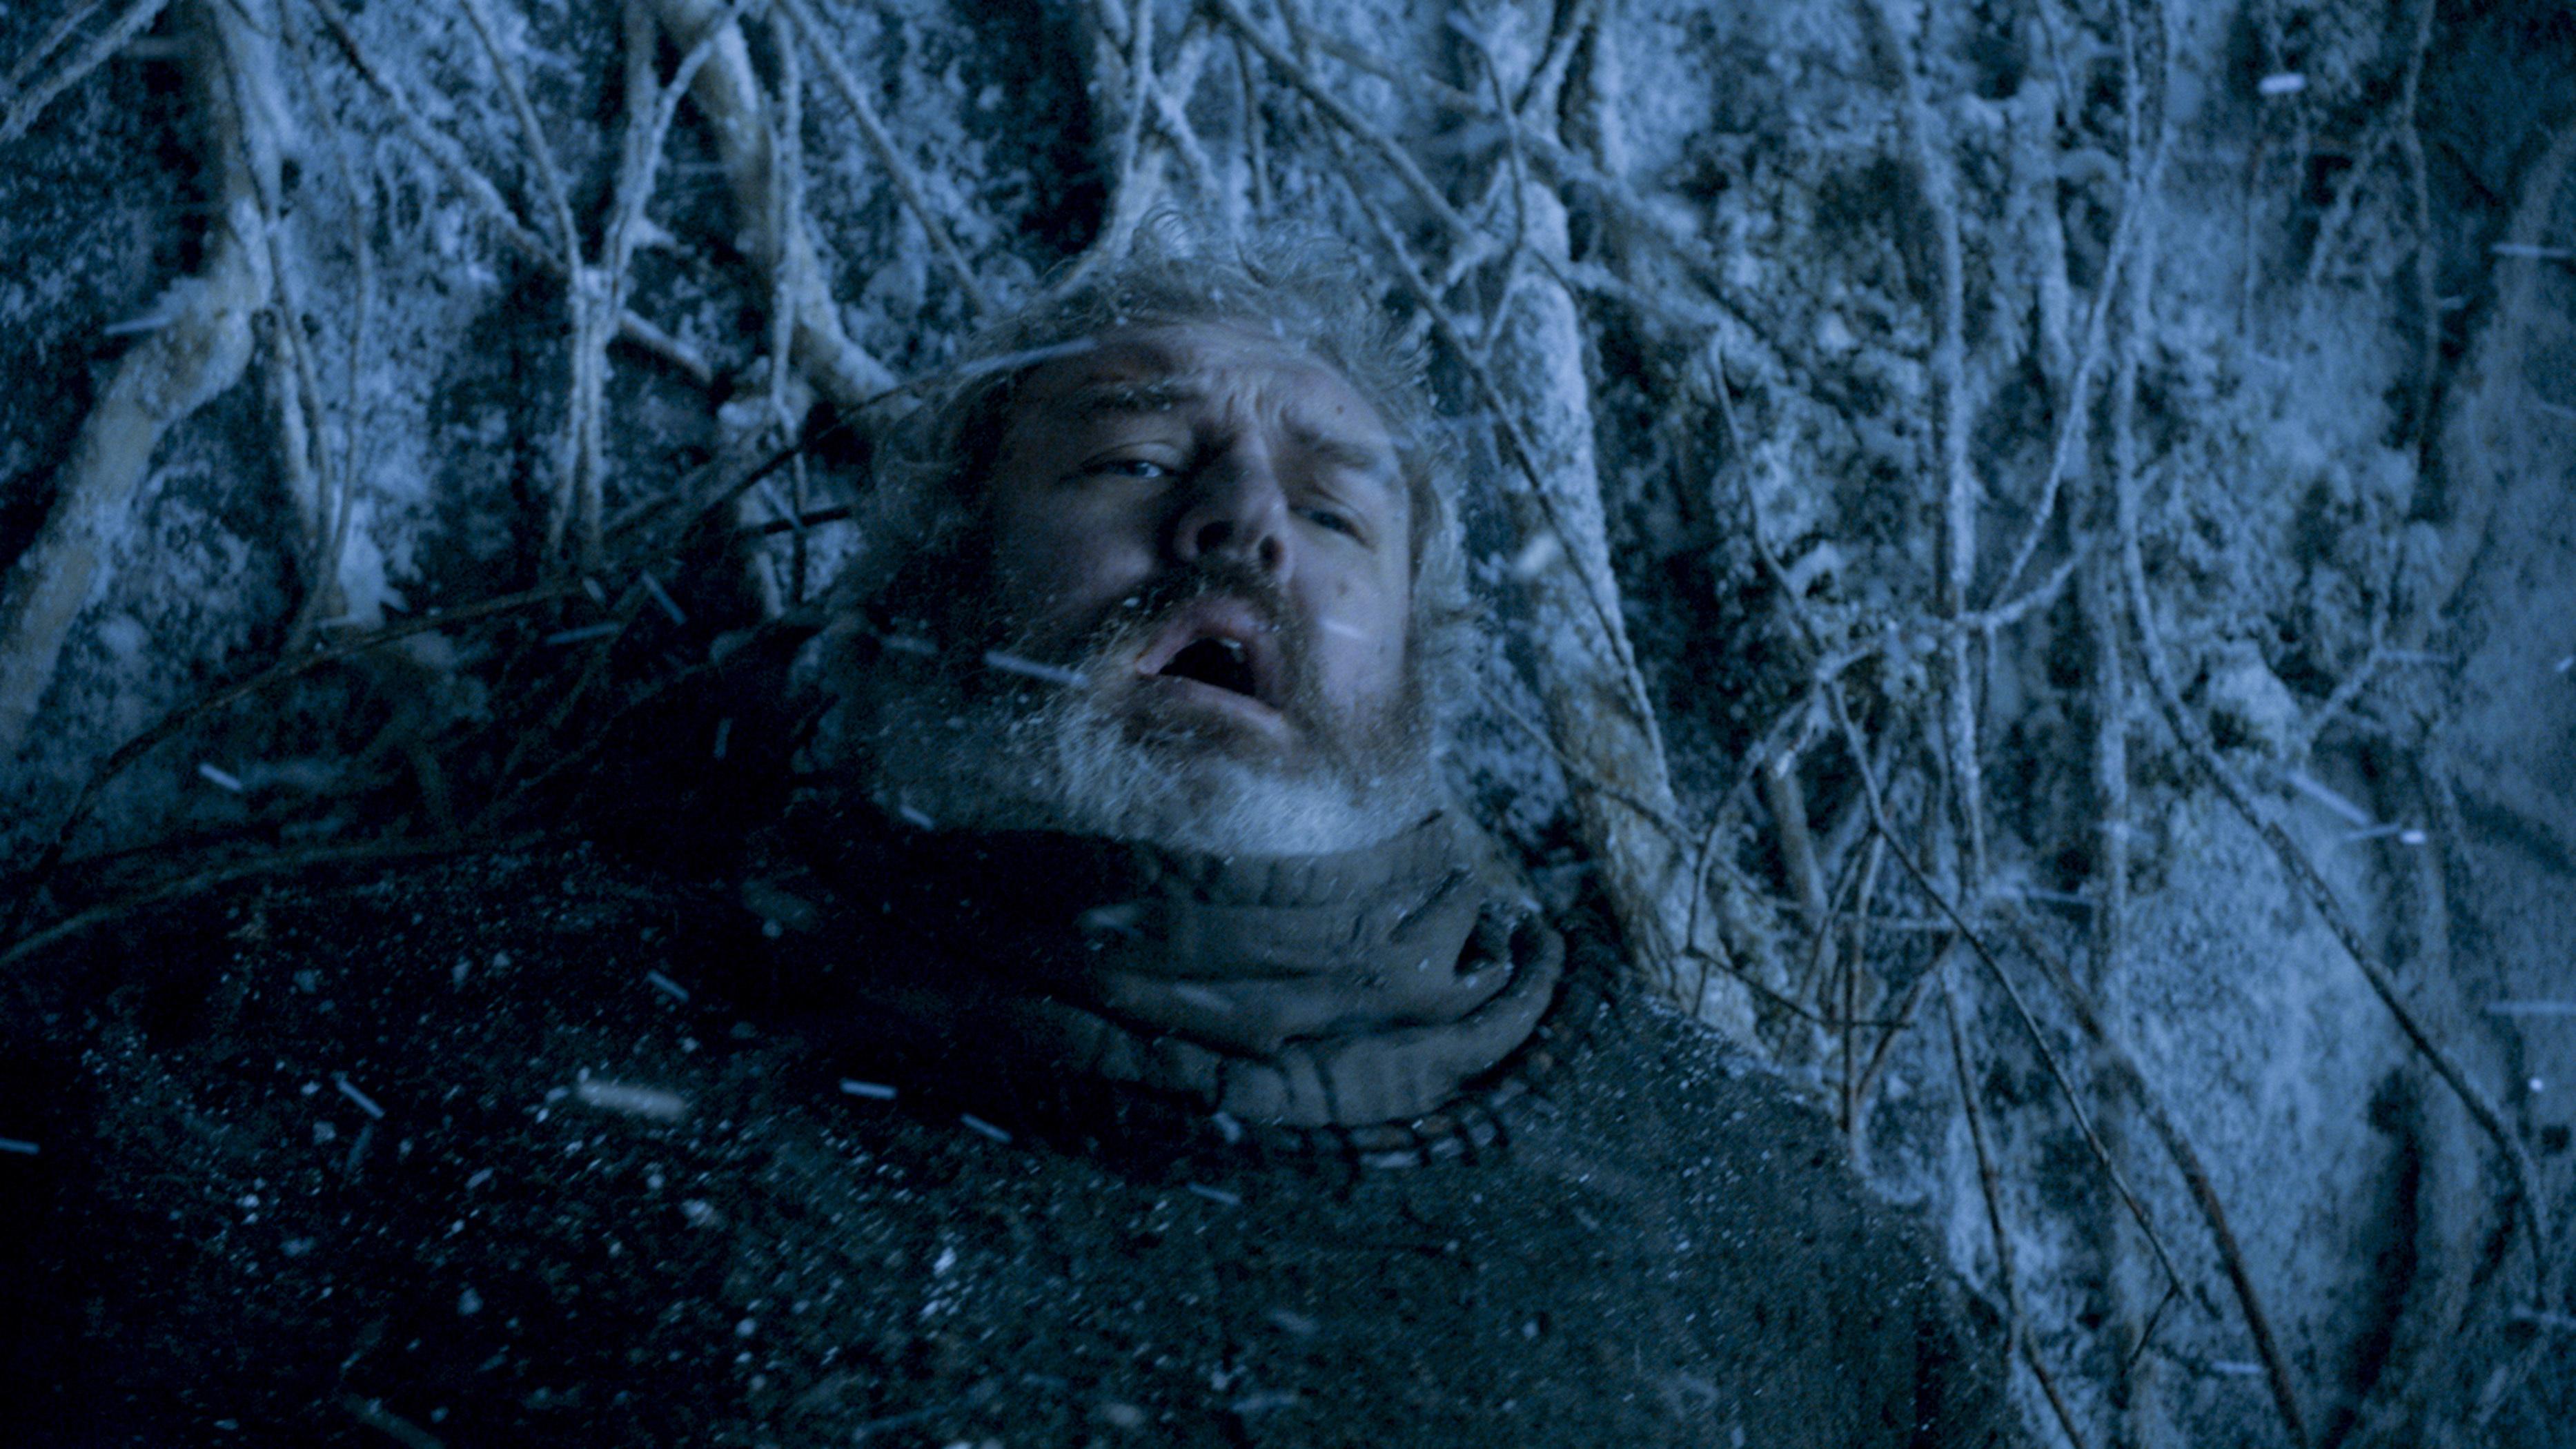 Hodor Game of Thrones hold the door